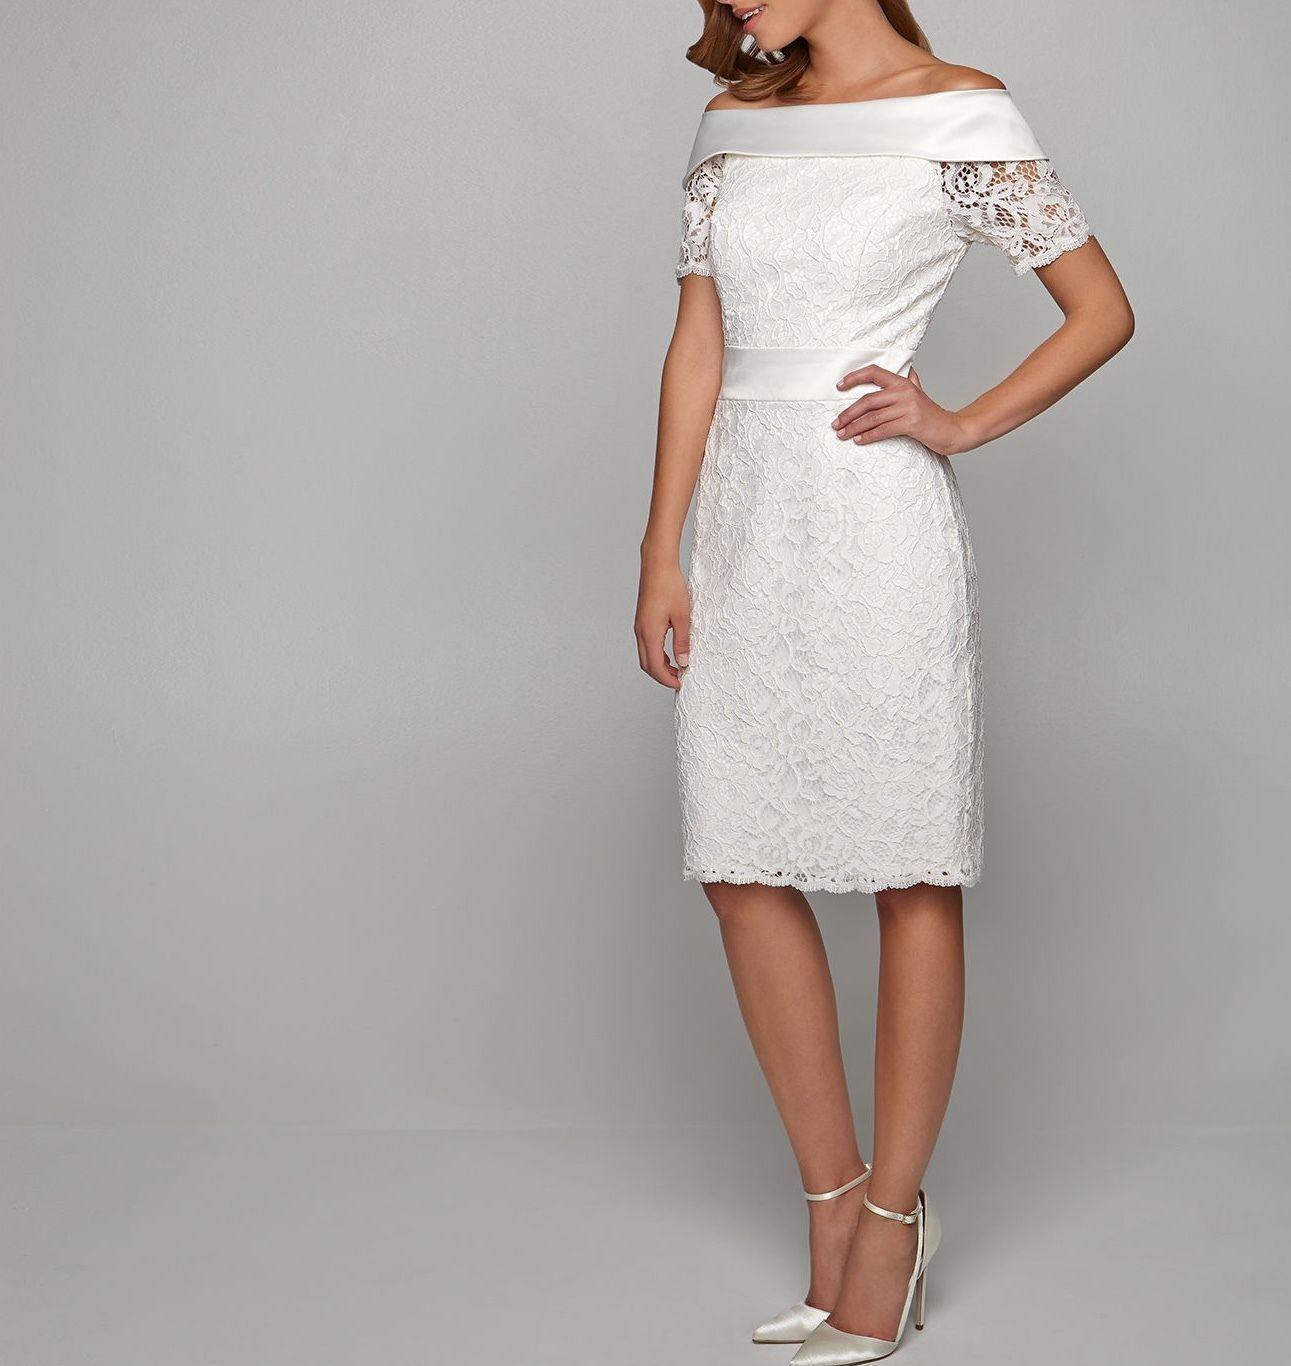 APART Spitzenkleid Damenkleid Hochzeitskleid Hochzeit Standesamt